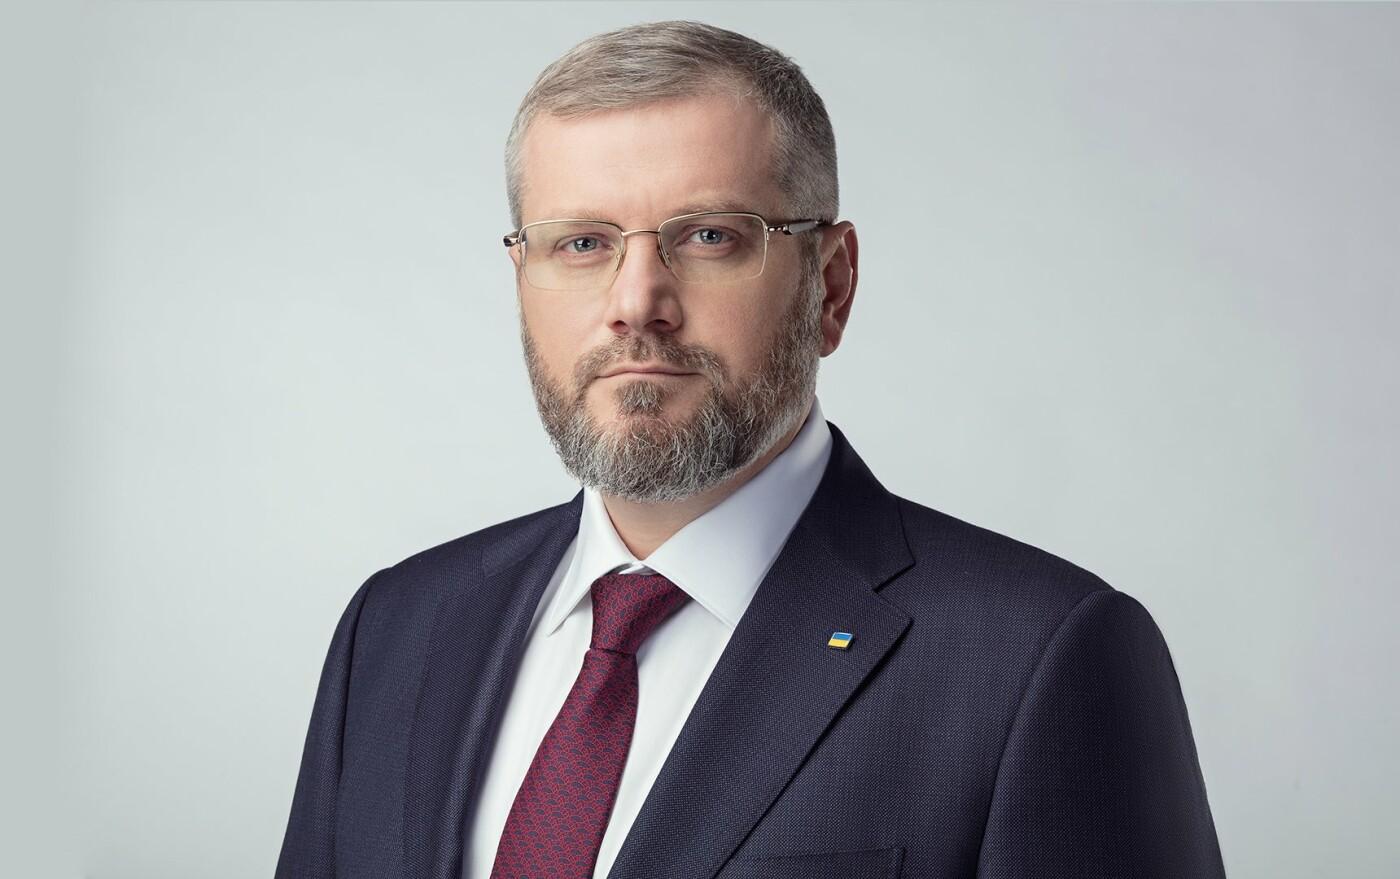 Вилкул: Власть безработицей выгнала из Украины 8 млн человек, лишив их будущей пенсии, фото-1